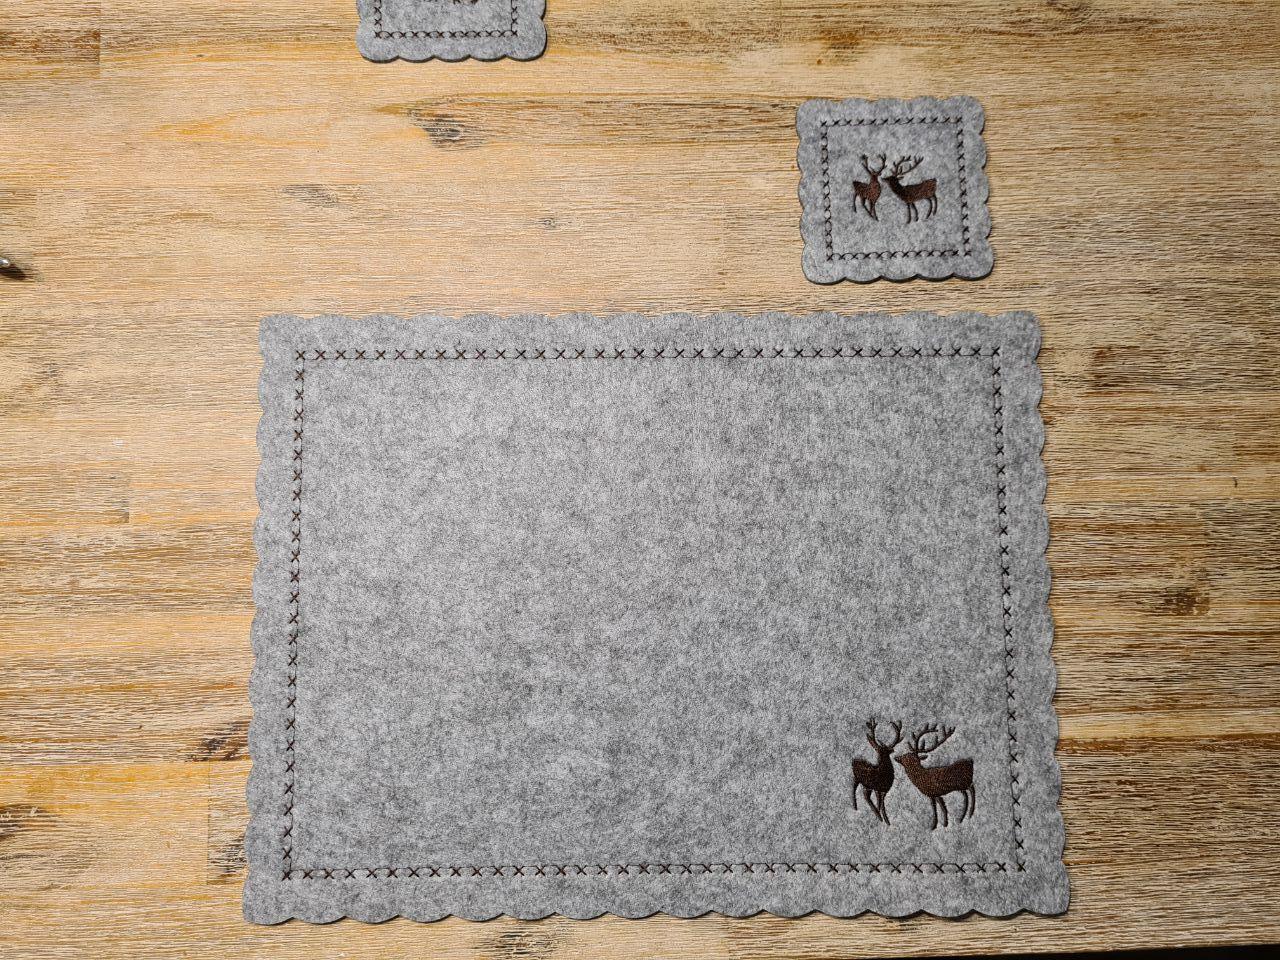 Graue Filz-Untersetzter mit zwei Hirschen quadratisch - Handgemachte individualisierbare Taschen, Körbe, Tischsets, Dekoartikel und mehr auf fideko.de der Onlineshop seit 2011